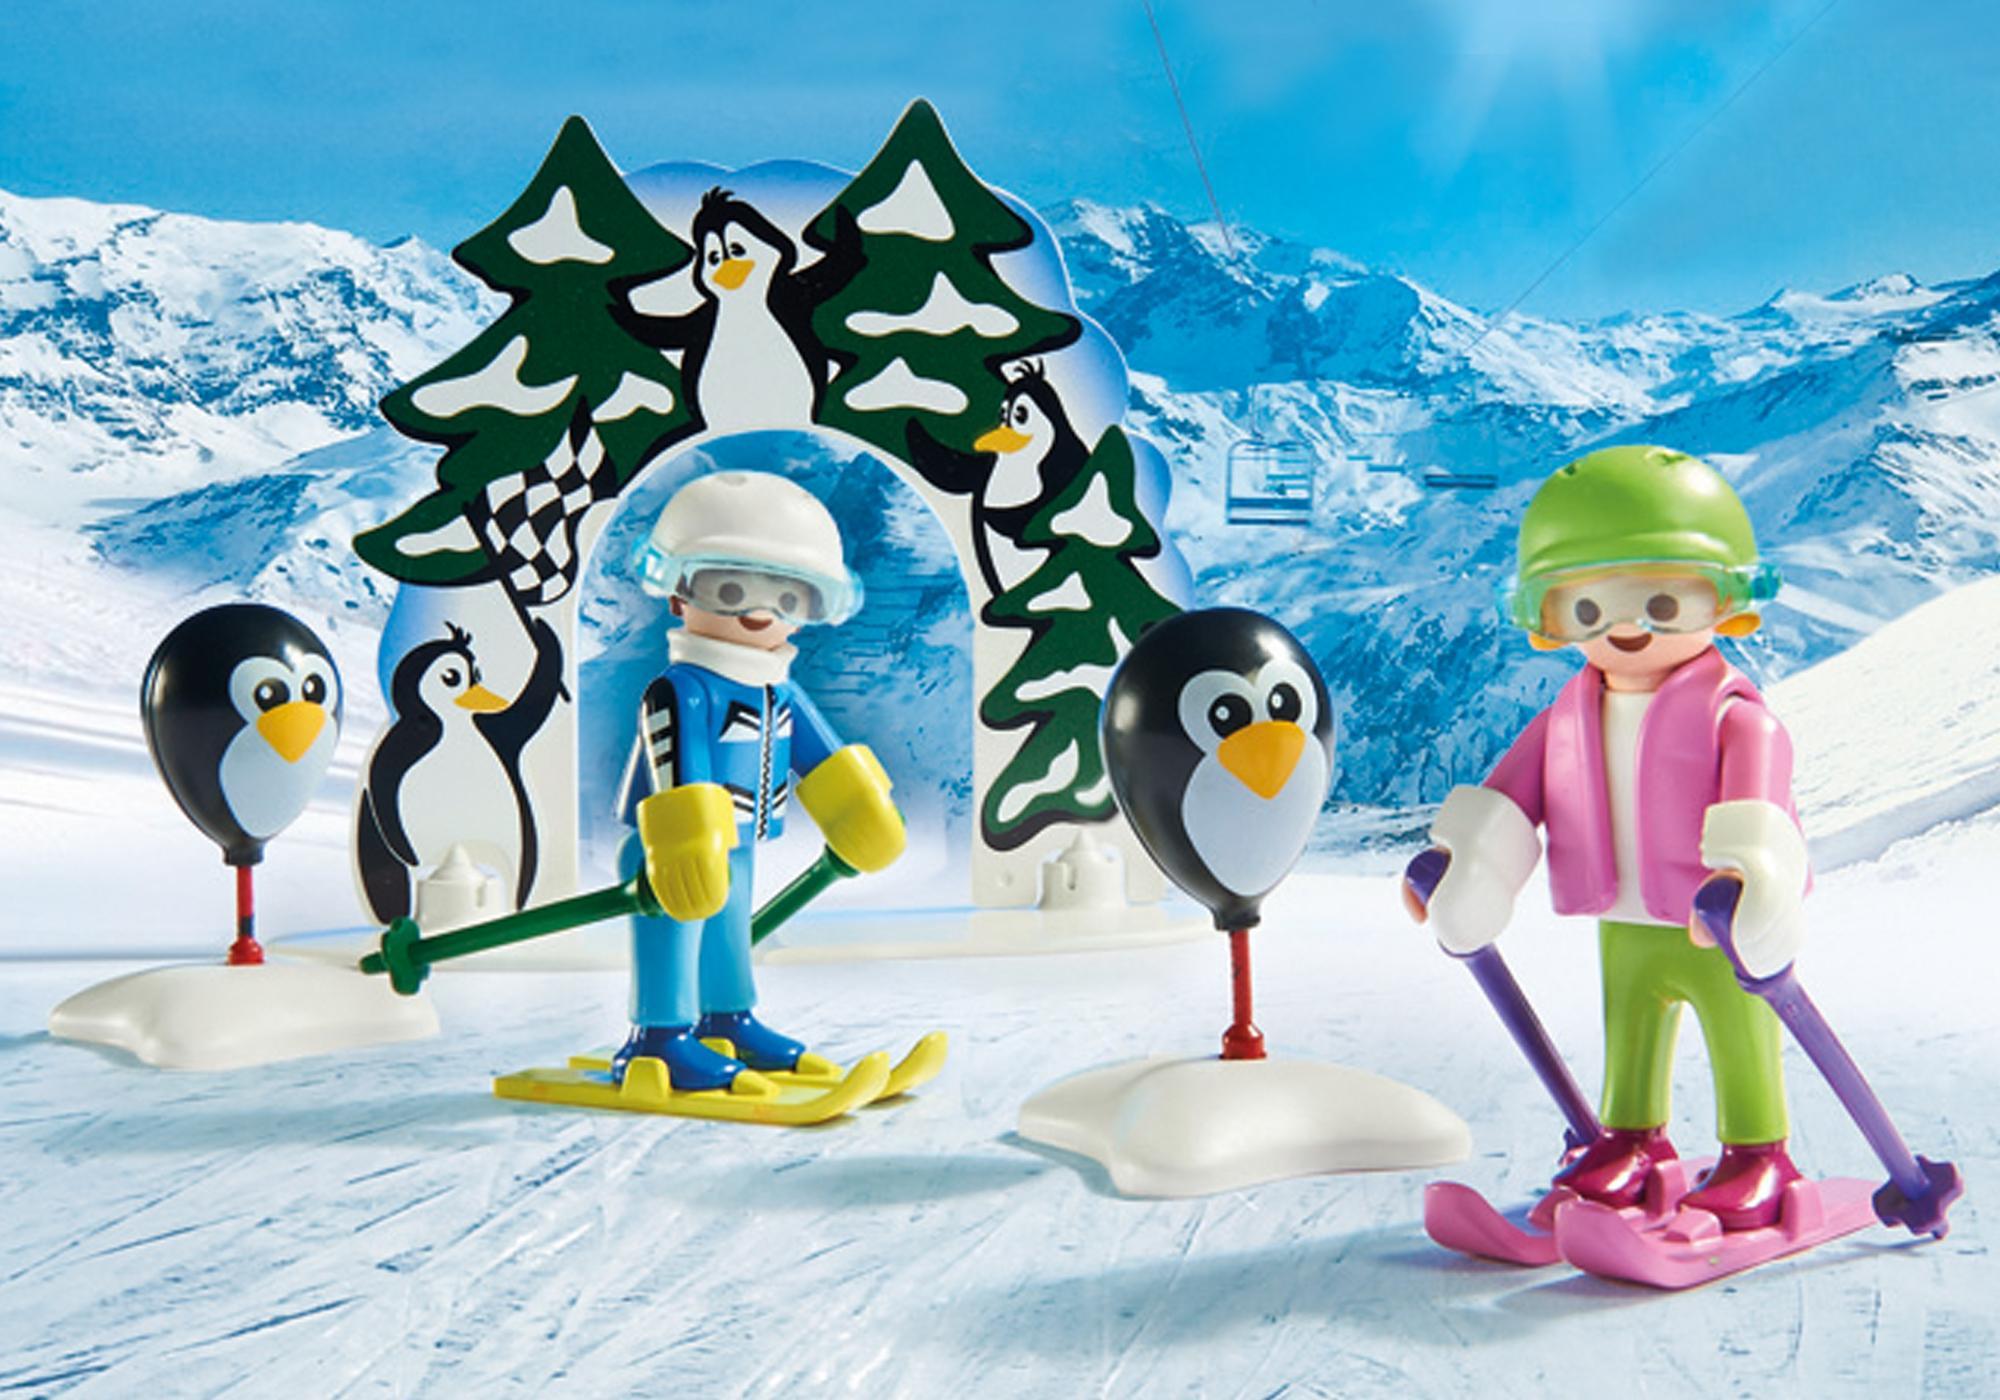 http://media.playmobil.com/i/playmobil/9282_product_extra1/Ski Lesson